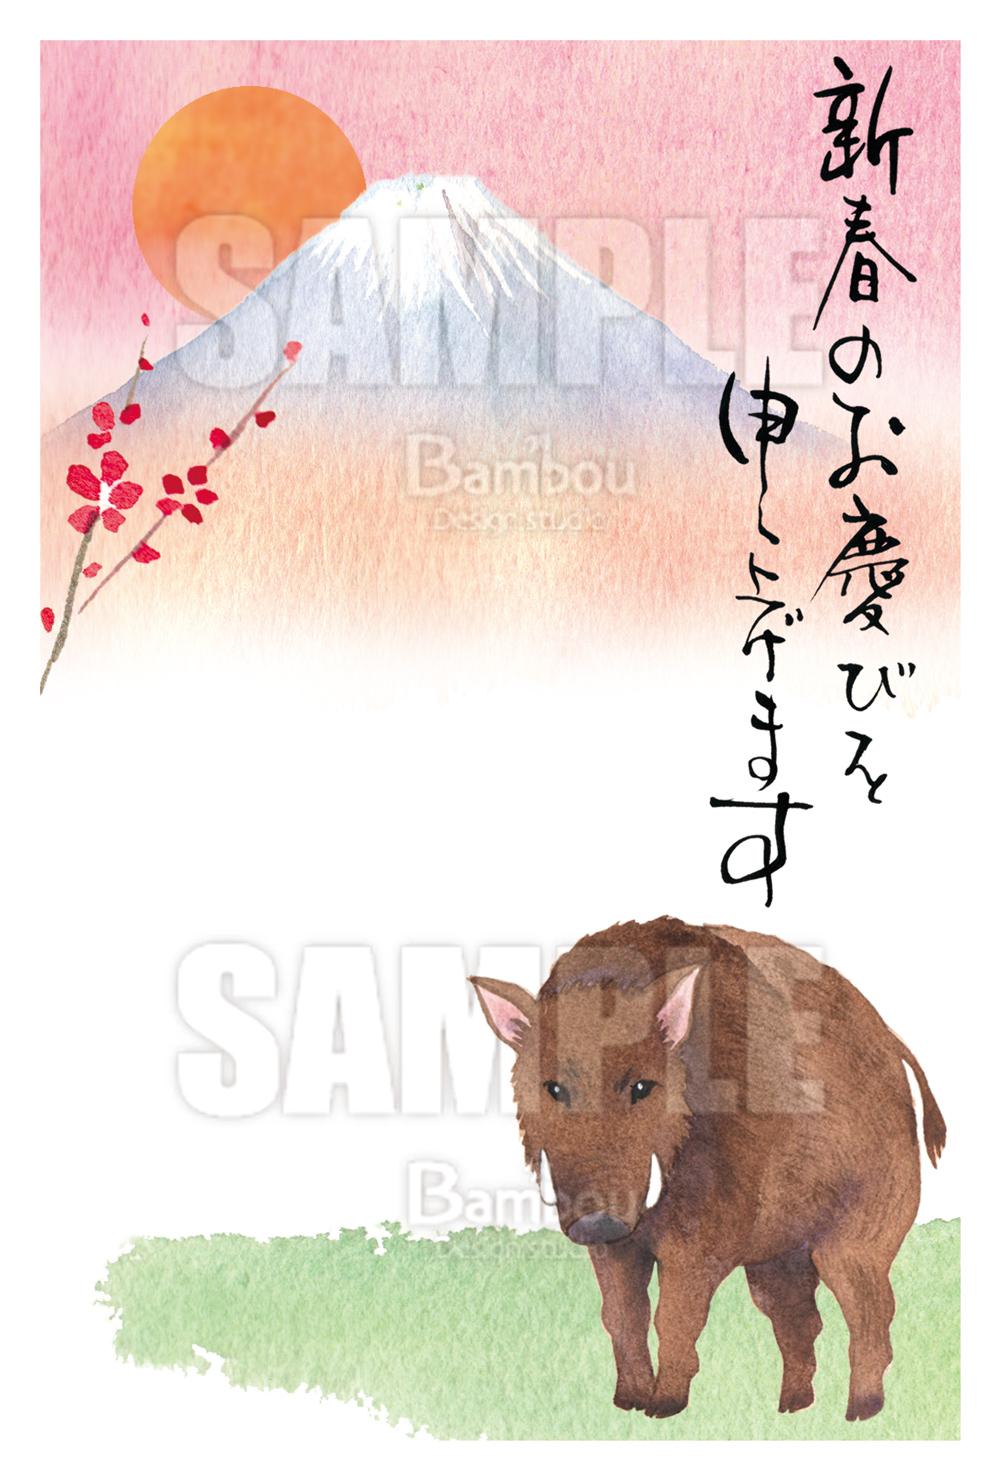 竹本明子_34 | Akiko Takemoto Illustration